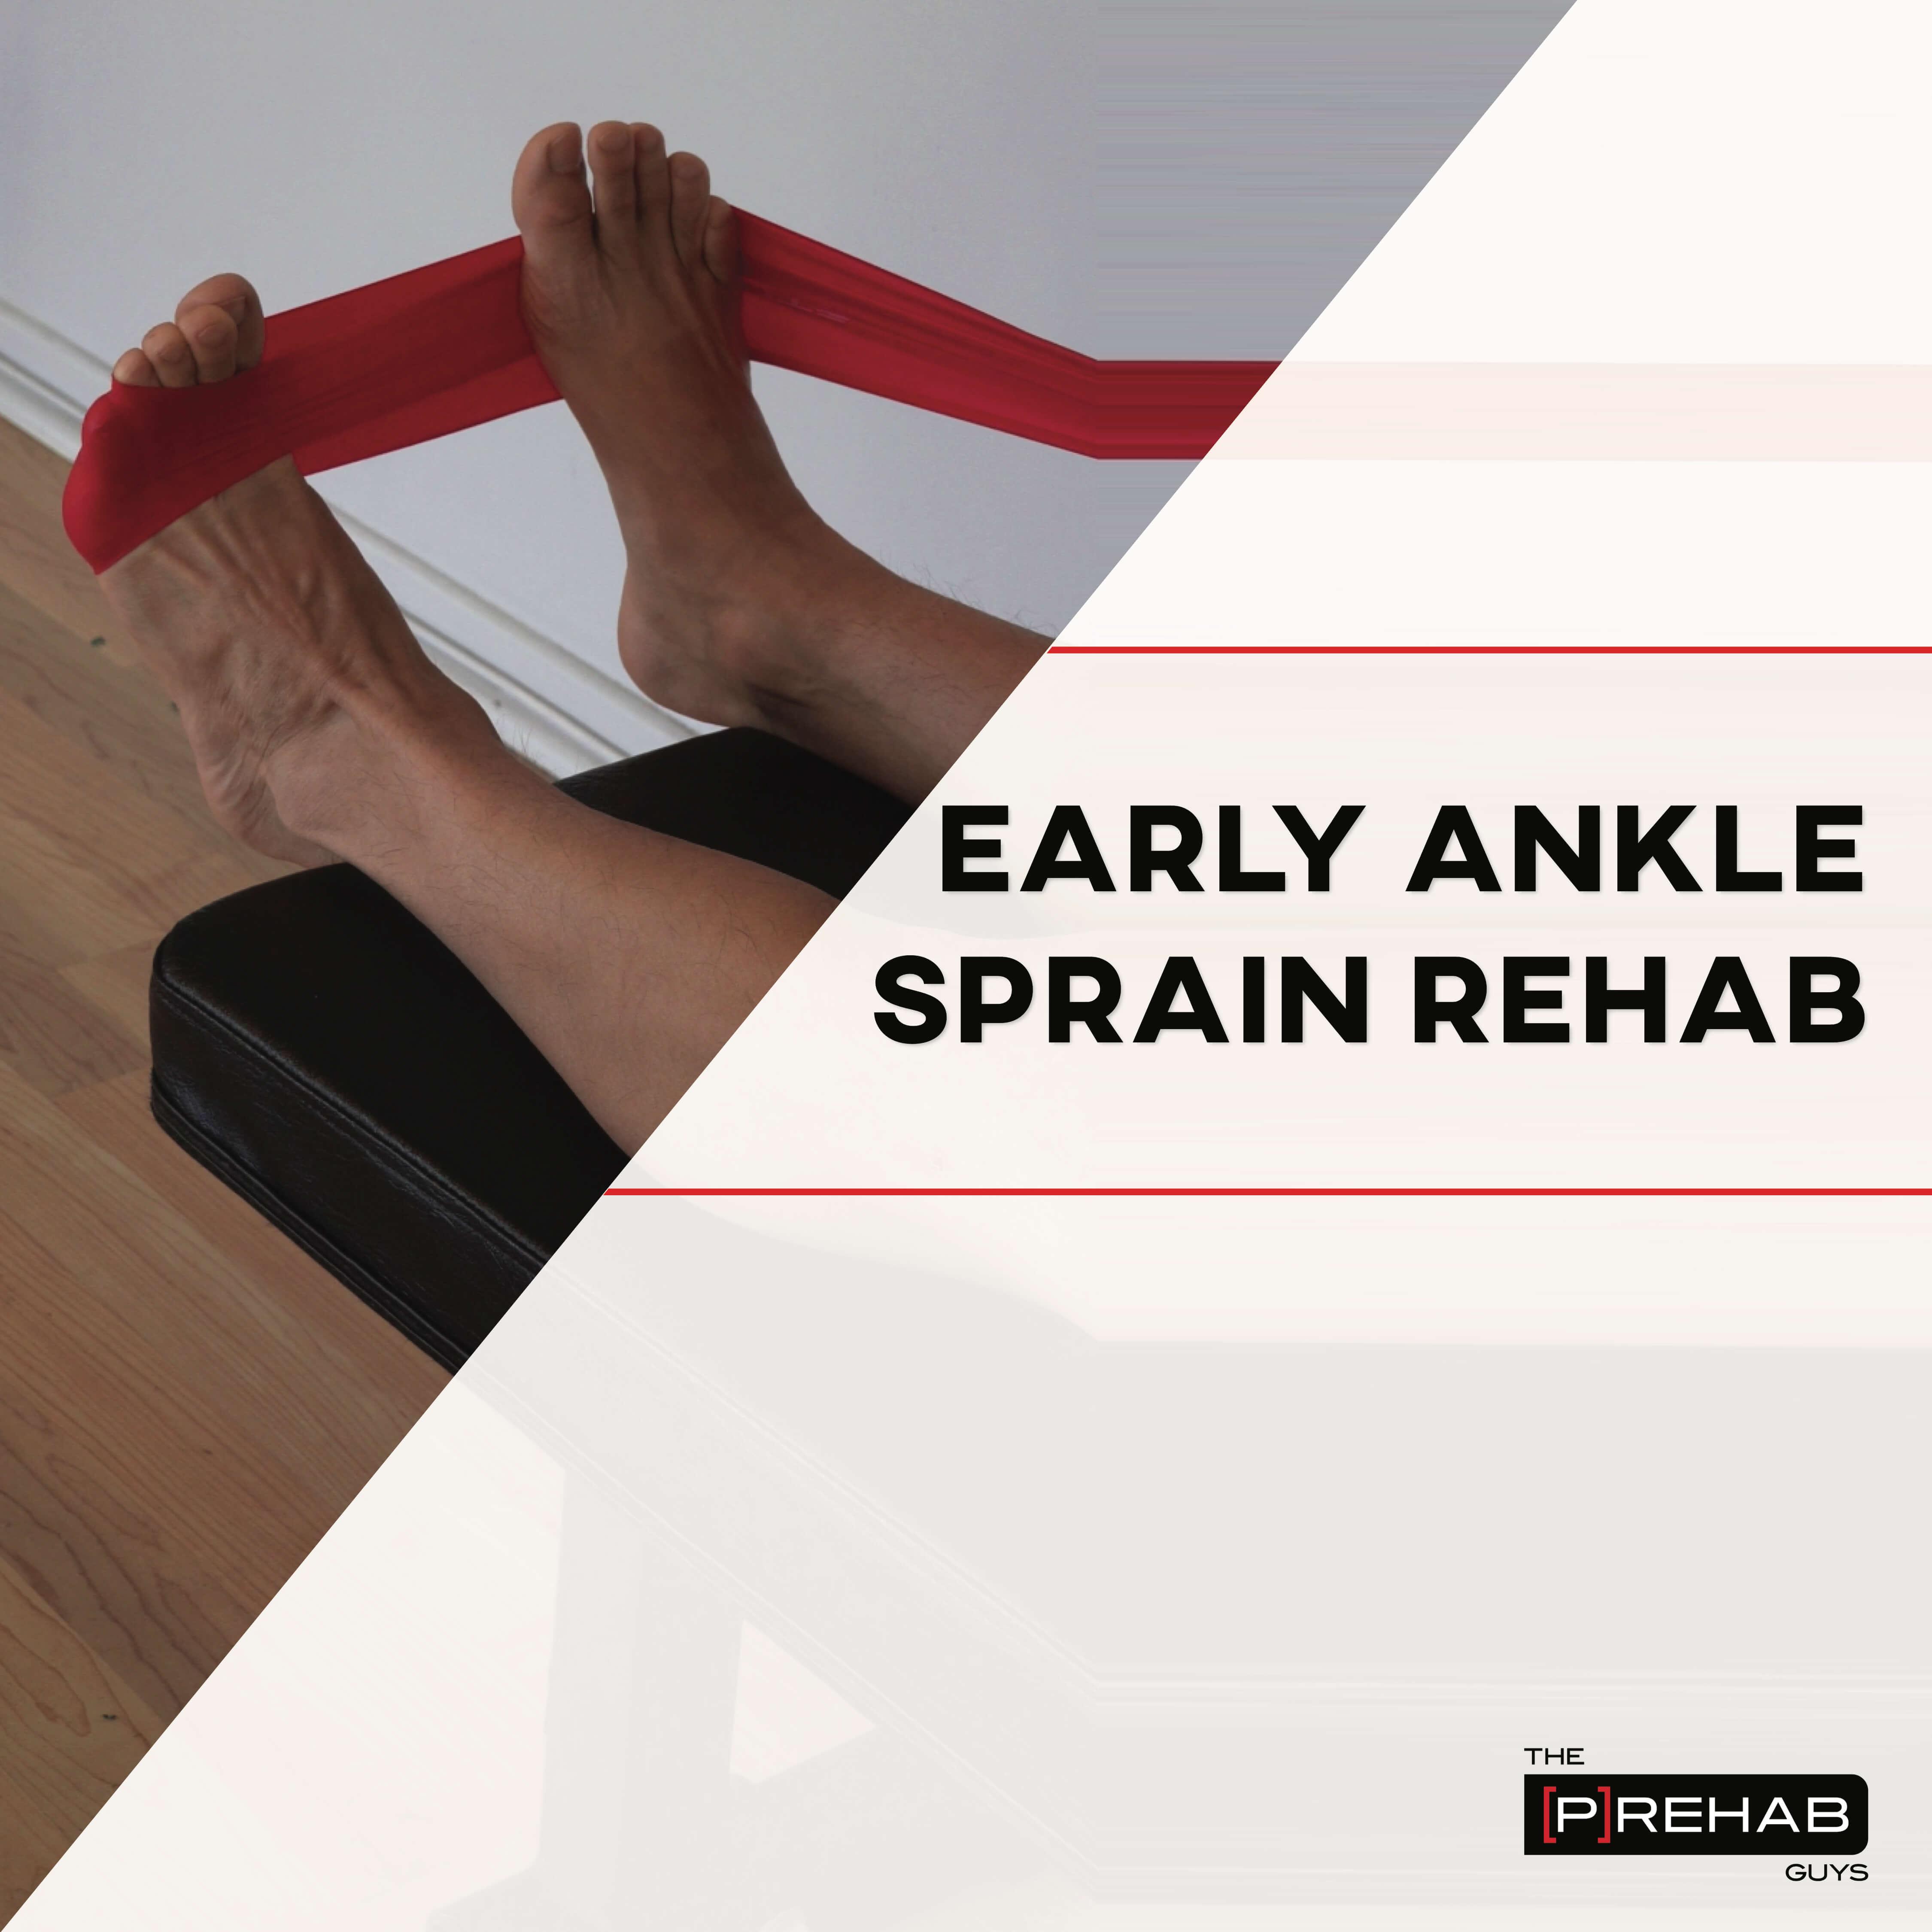 ankle sprain rehab IG